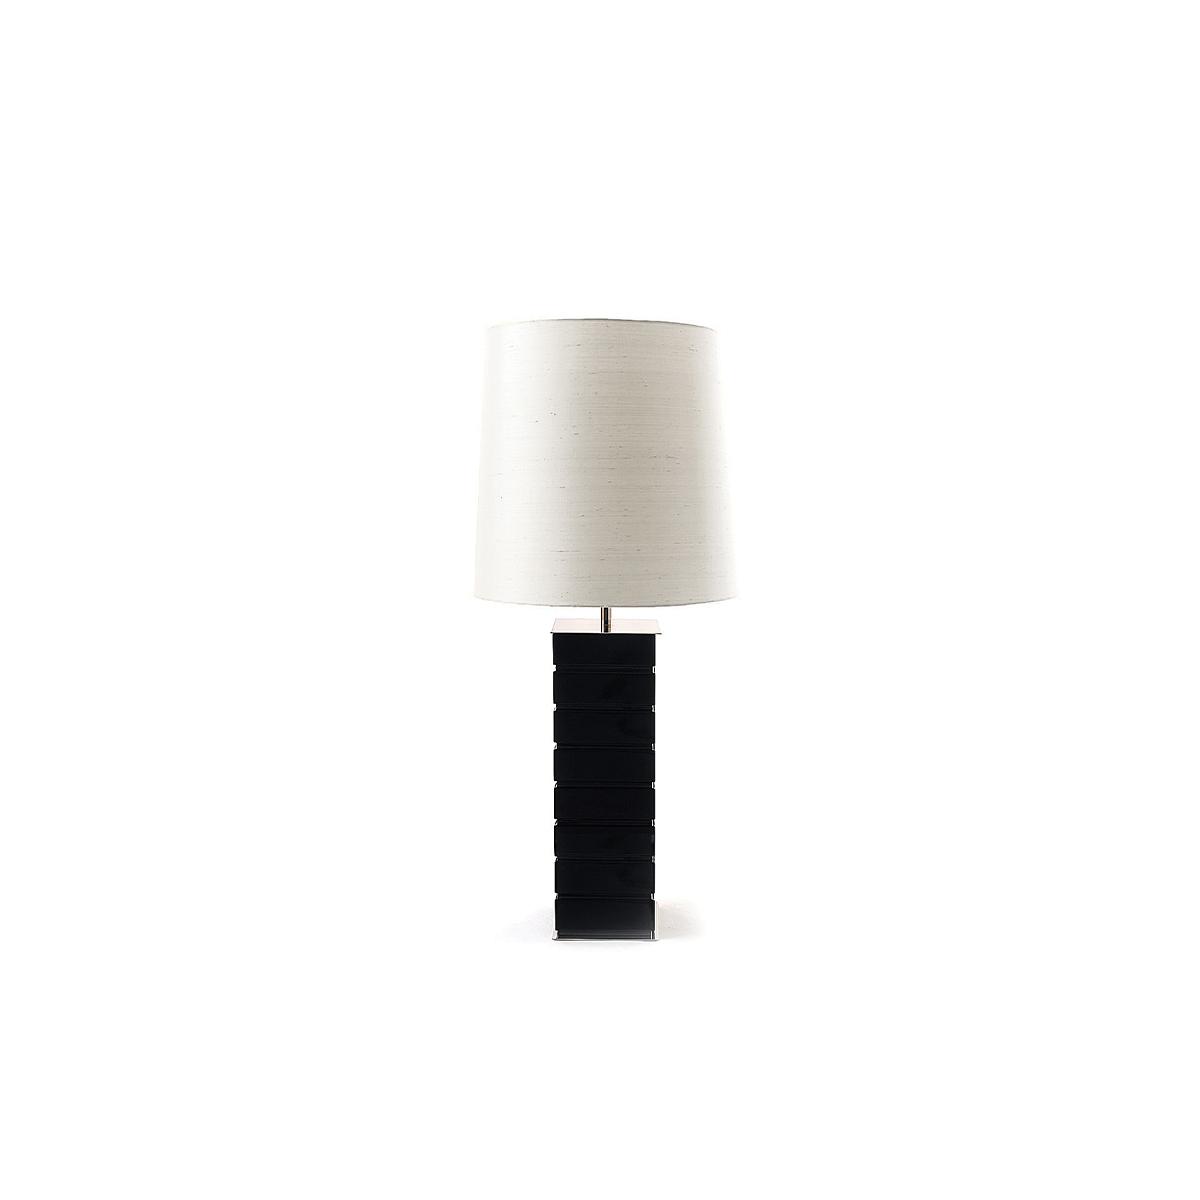 Bombon Table Lamp by Caffe Latte Covet Lighting